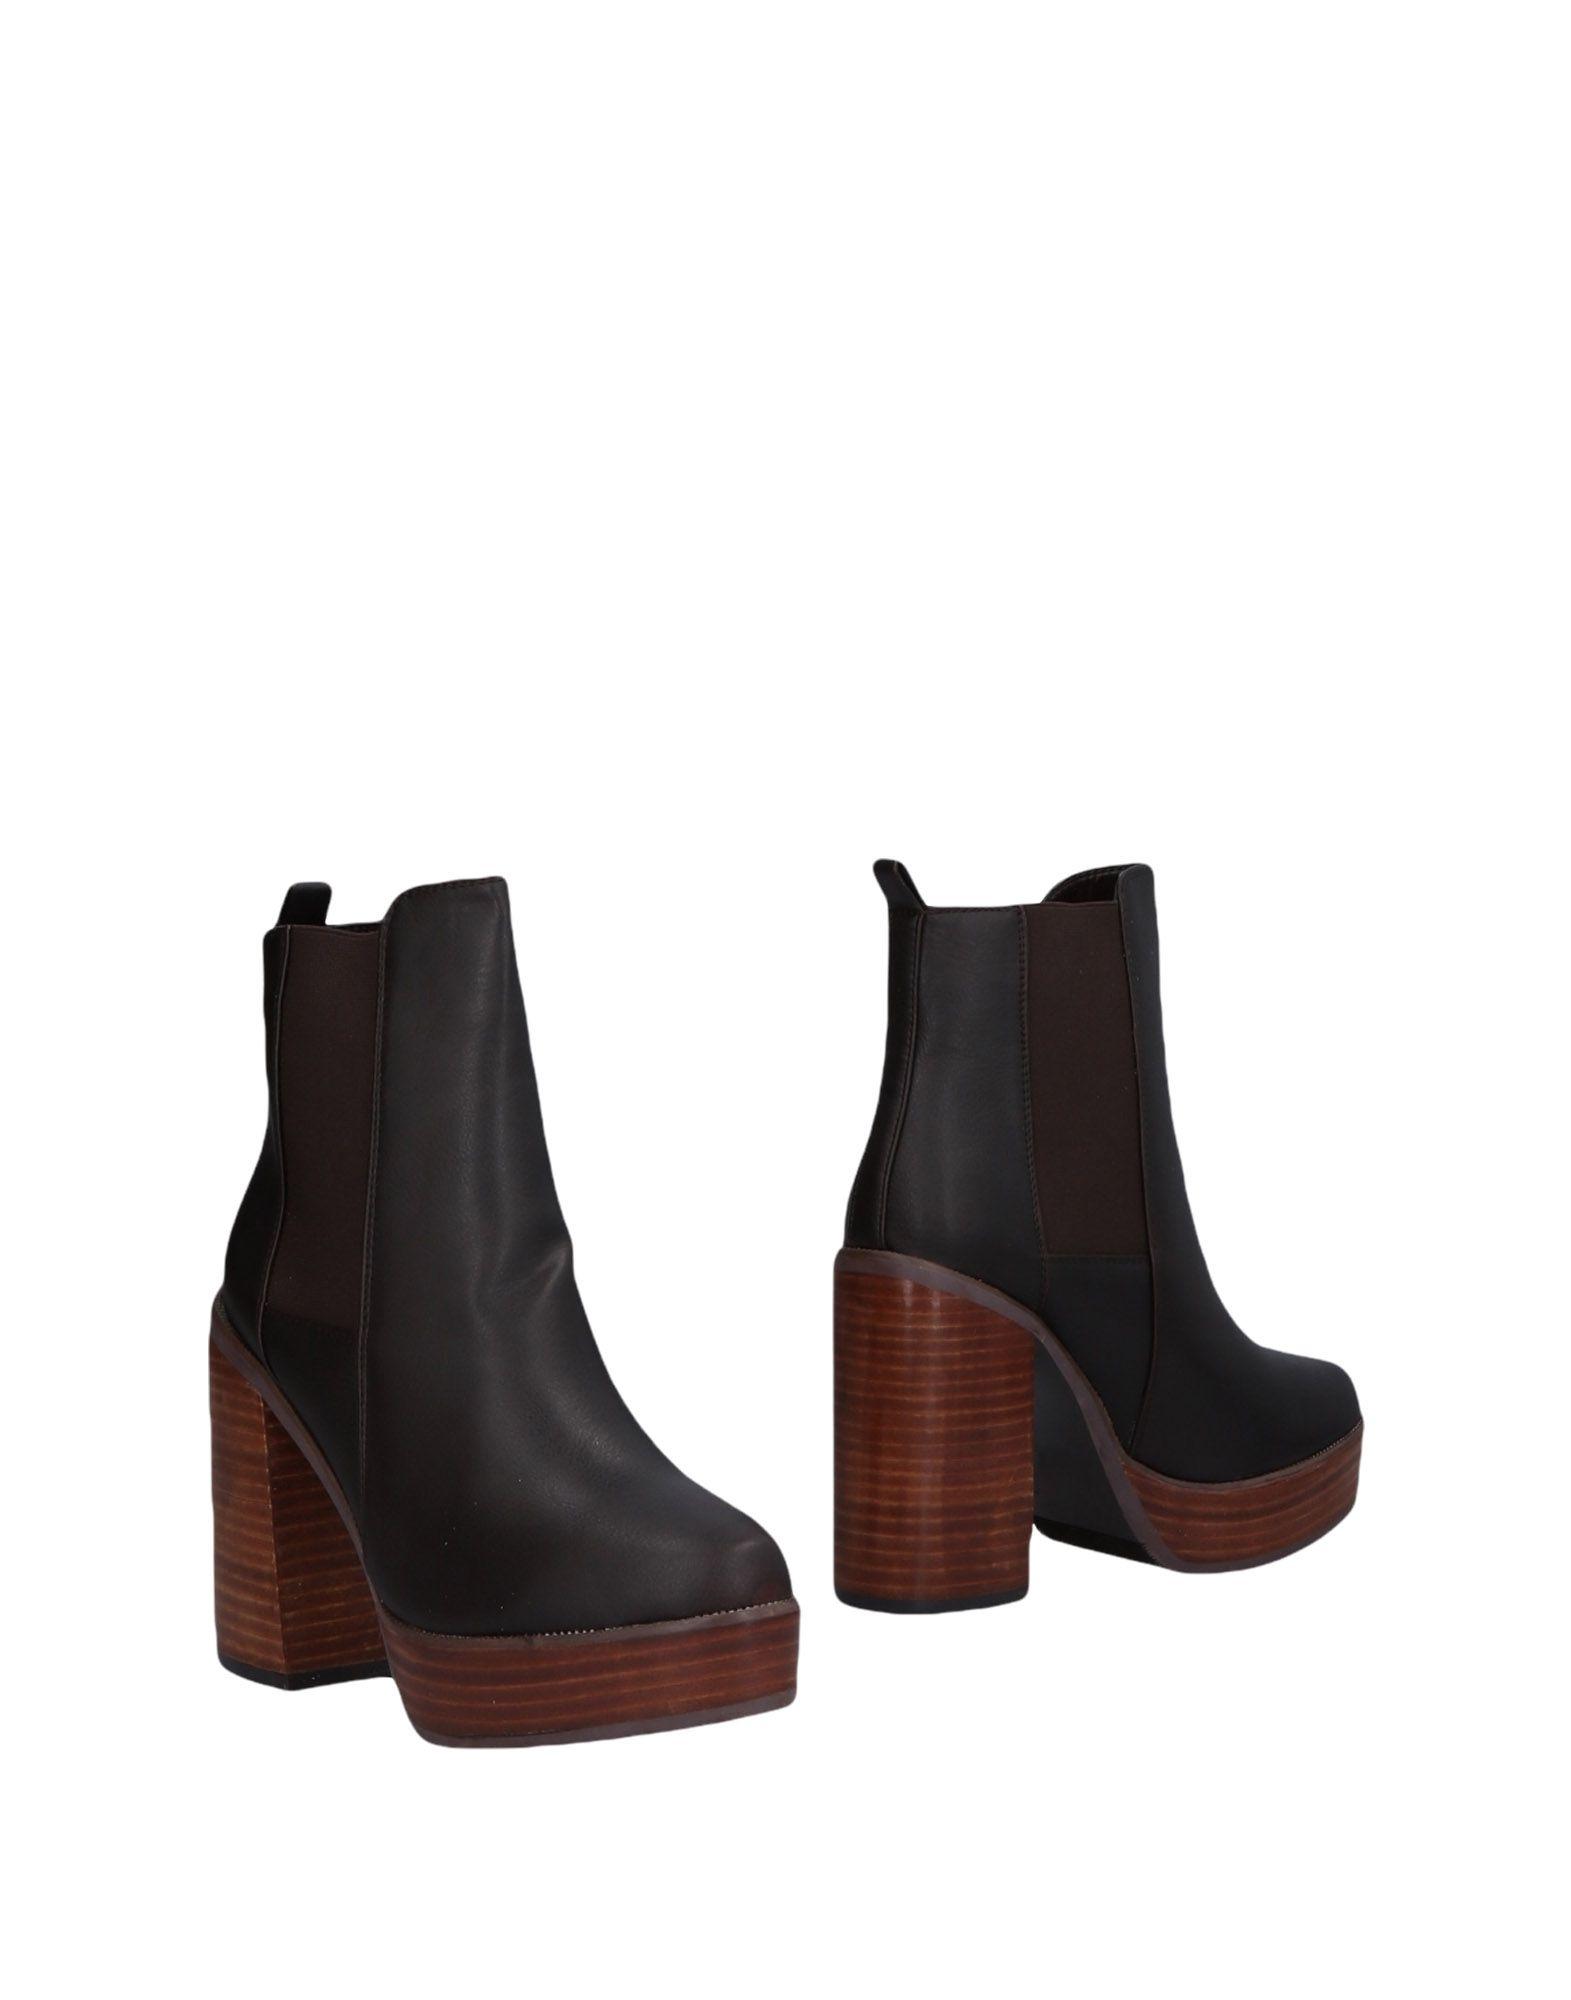 POLICE 883 Полусапоги и высокие ботинки police 883 полусапоги и высокие ботинки